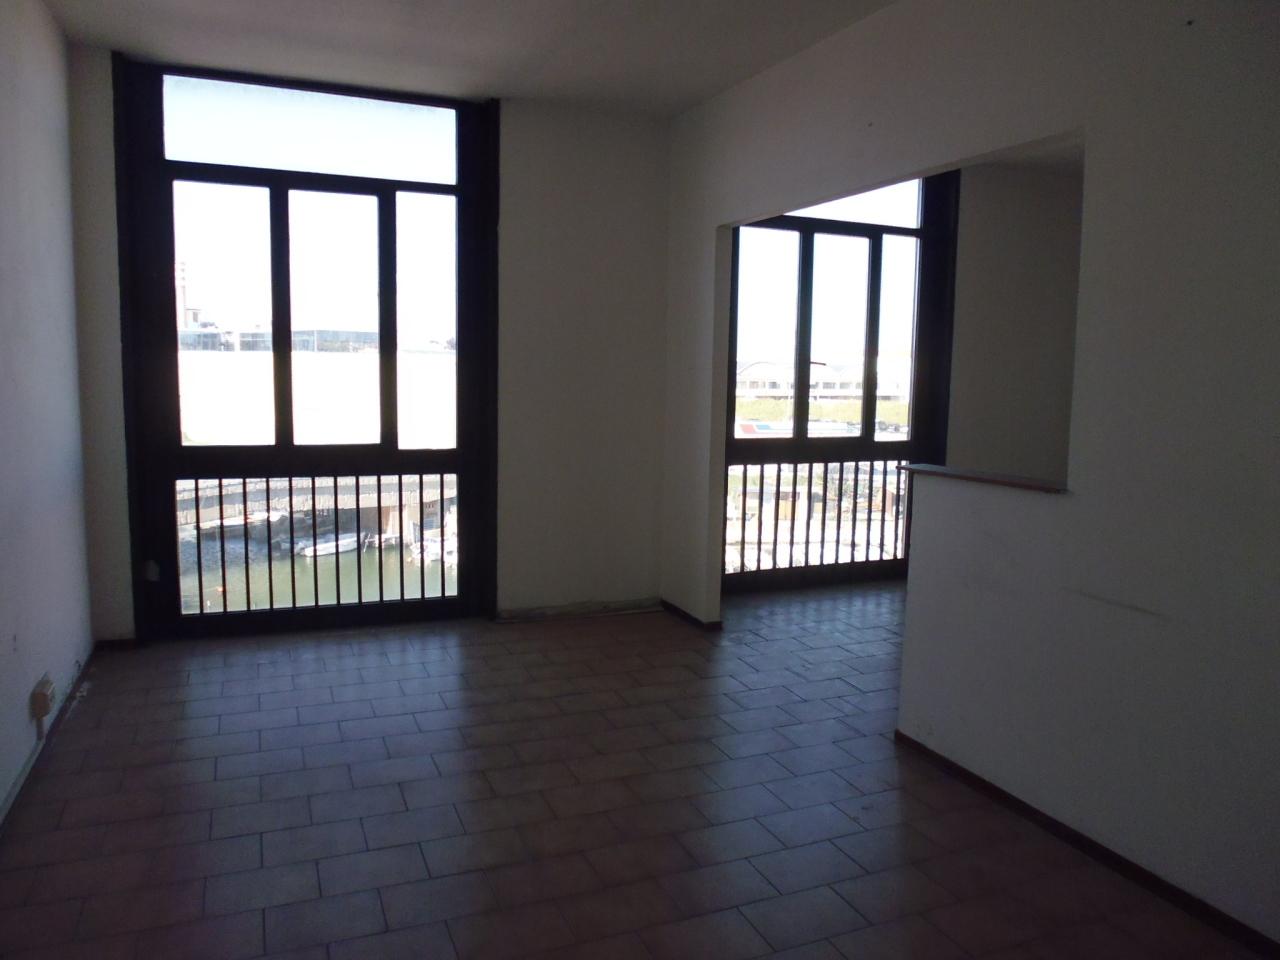 Ufficio / Studio in affitto a Livorno, 8 locali, prezzo € 800 | Cambio Casa.it